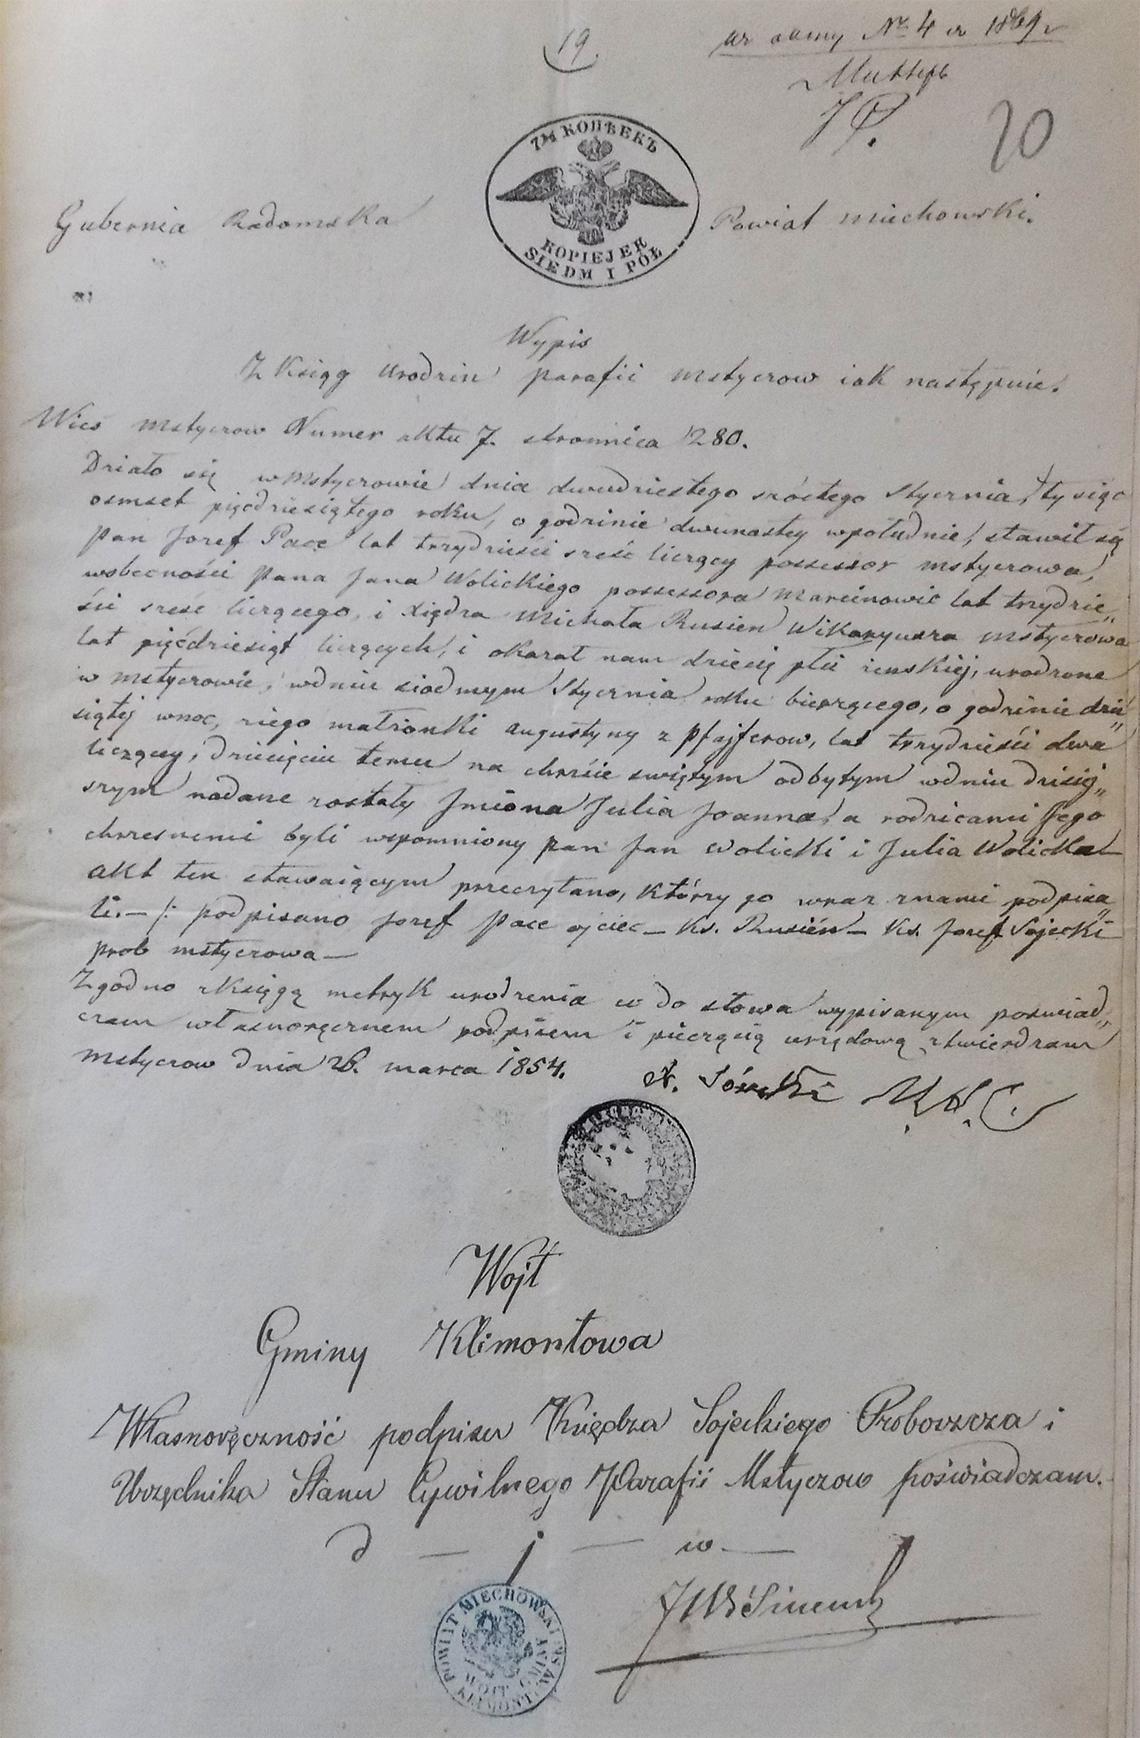 Dowody (allegaty) do aktu małżeństwa Emanuel Friedrich Wilhelm Knaut & Julia Joanna Pace w dniu 04/16.09.1869 roku (3)